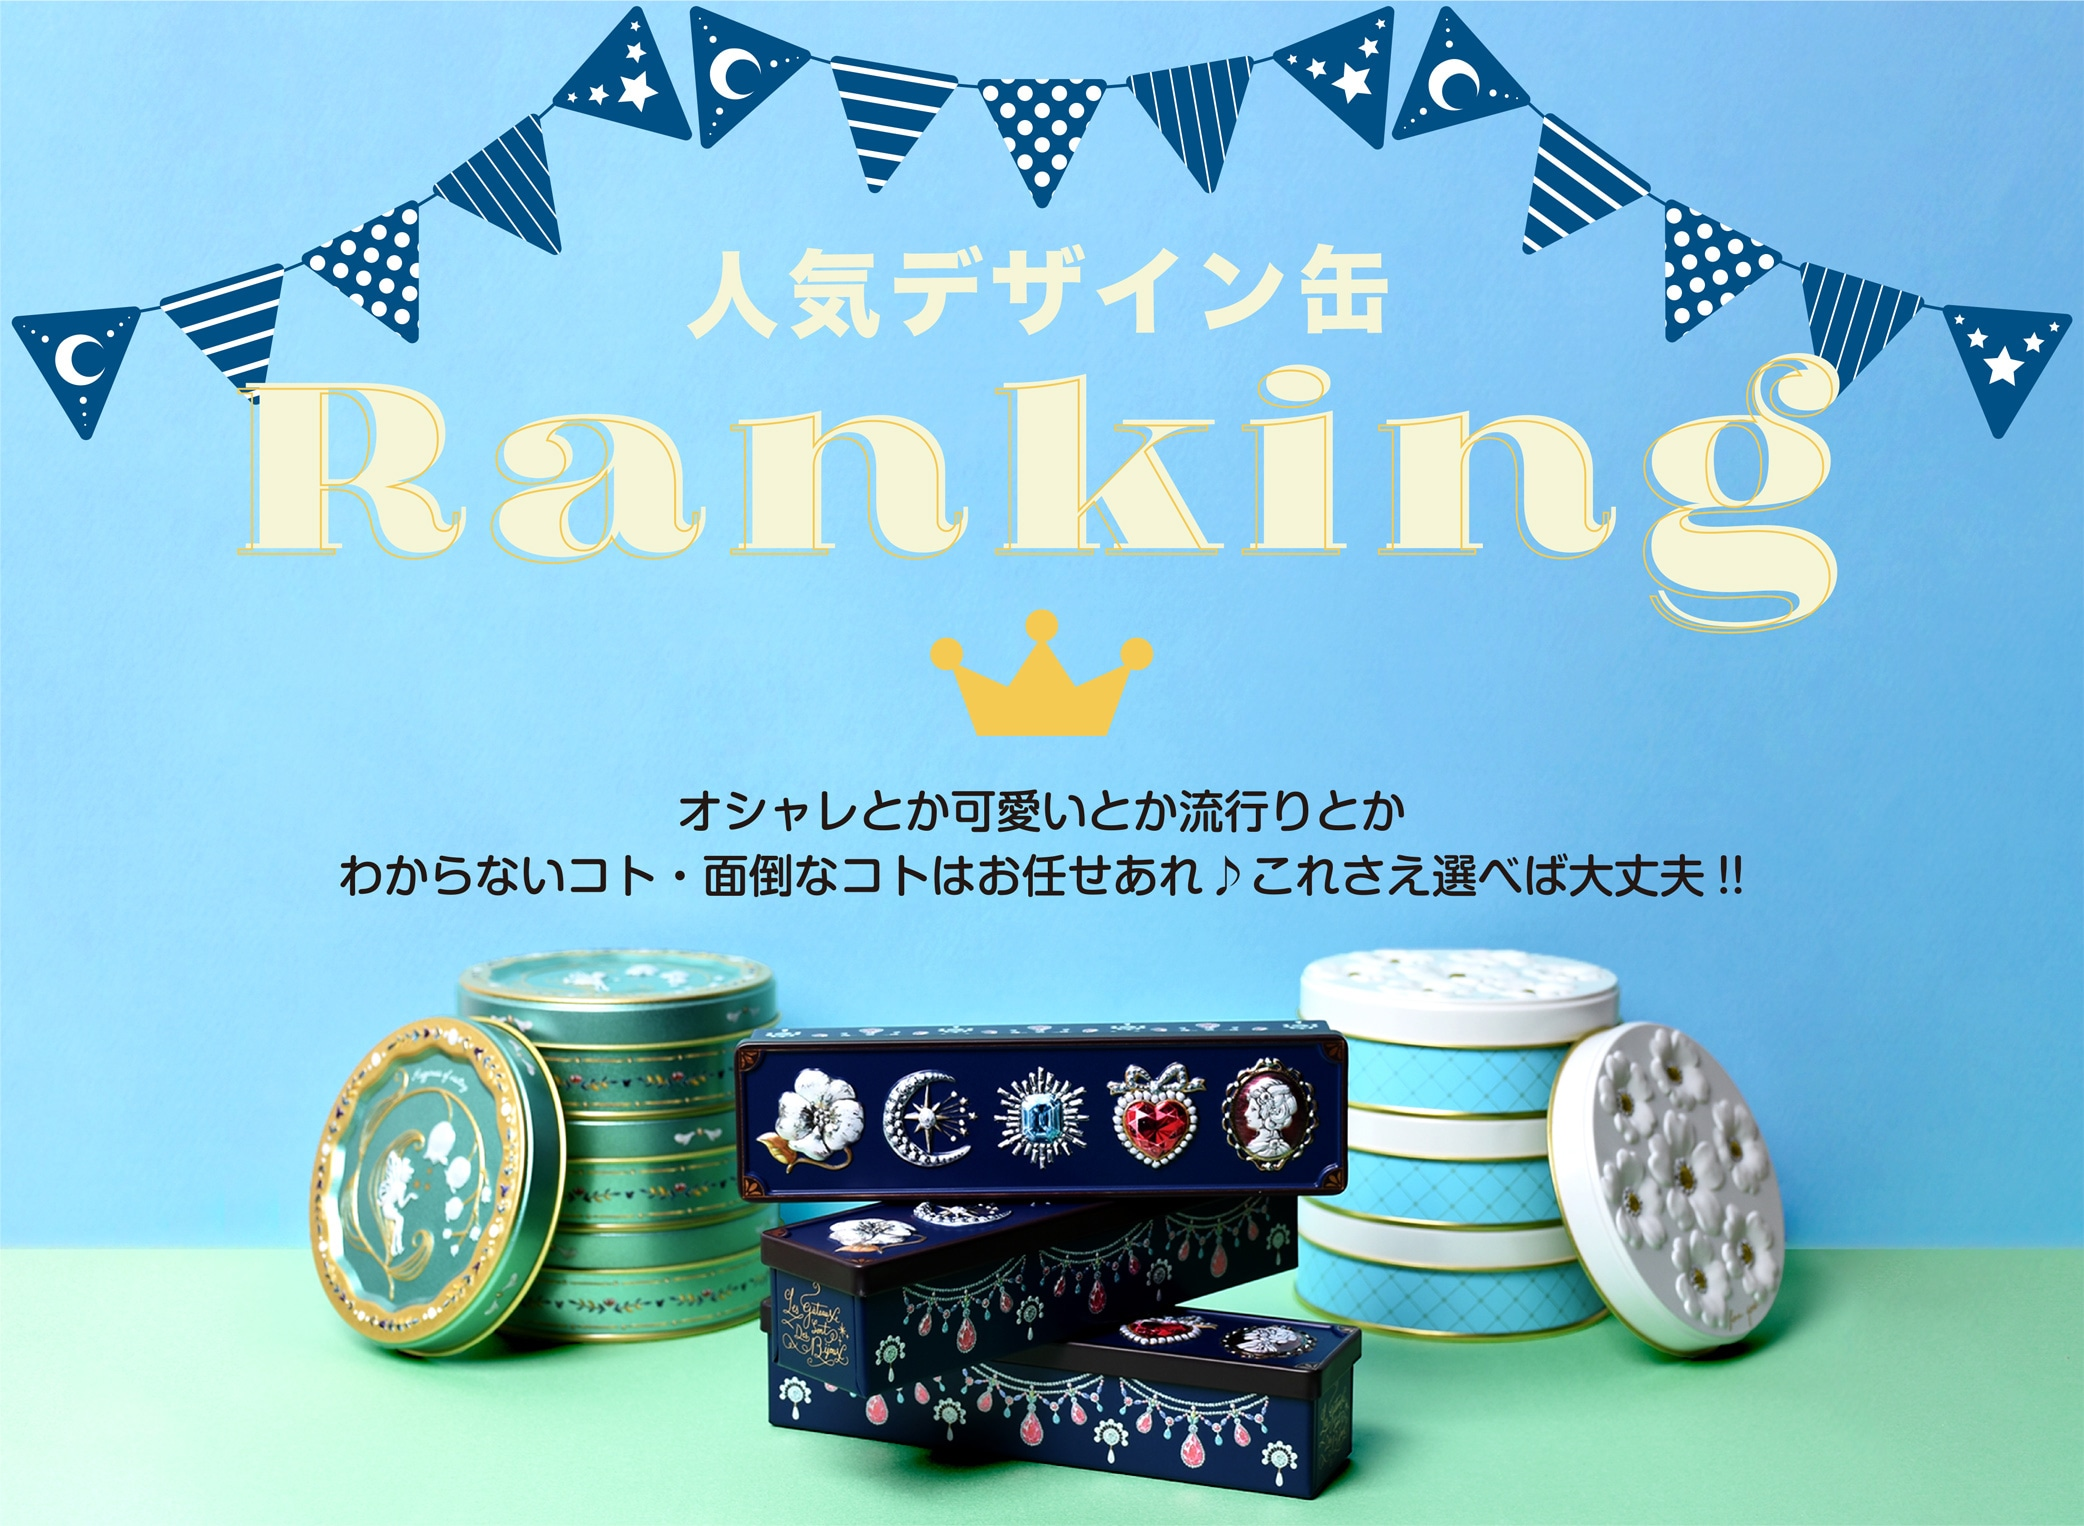 人気のデザインお菓子缶 ランキング